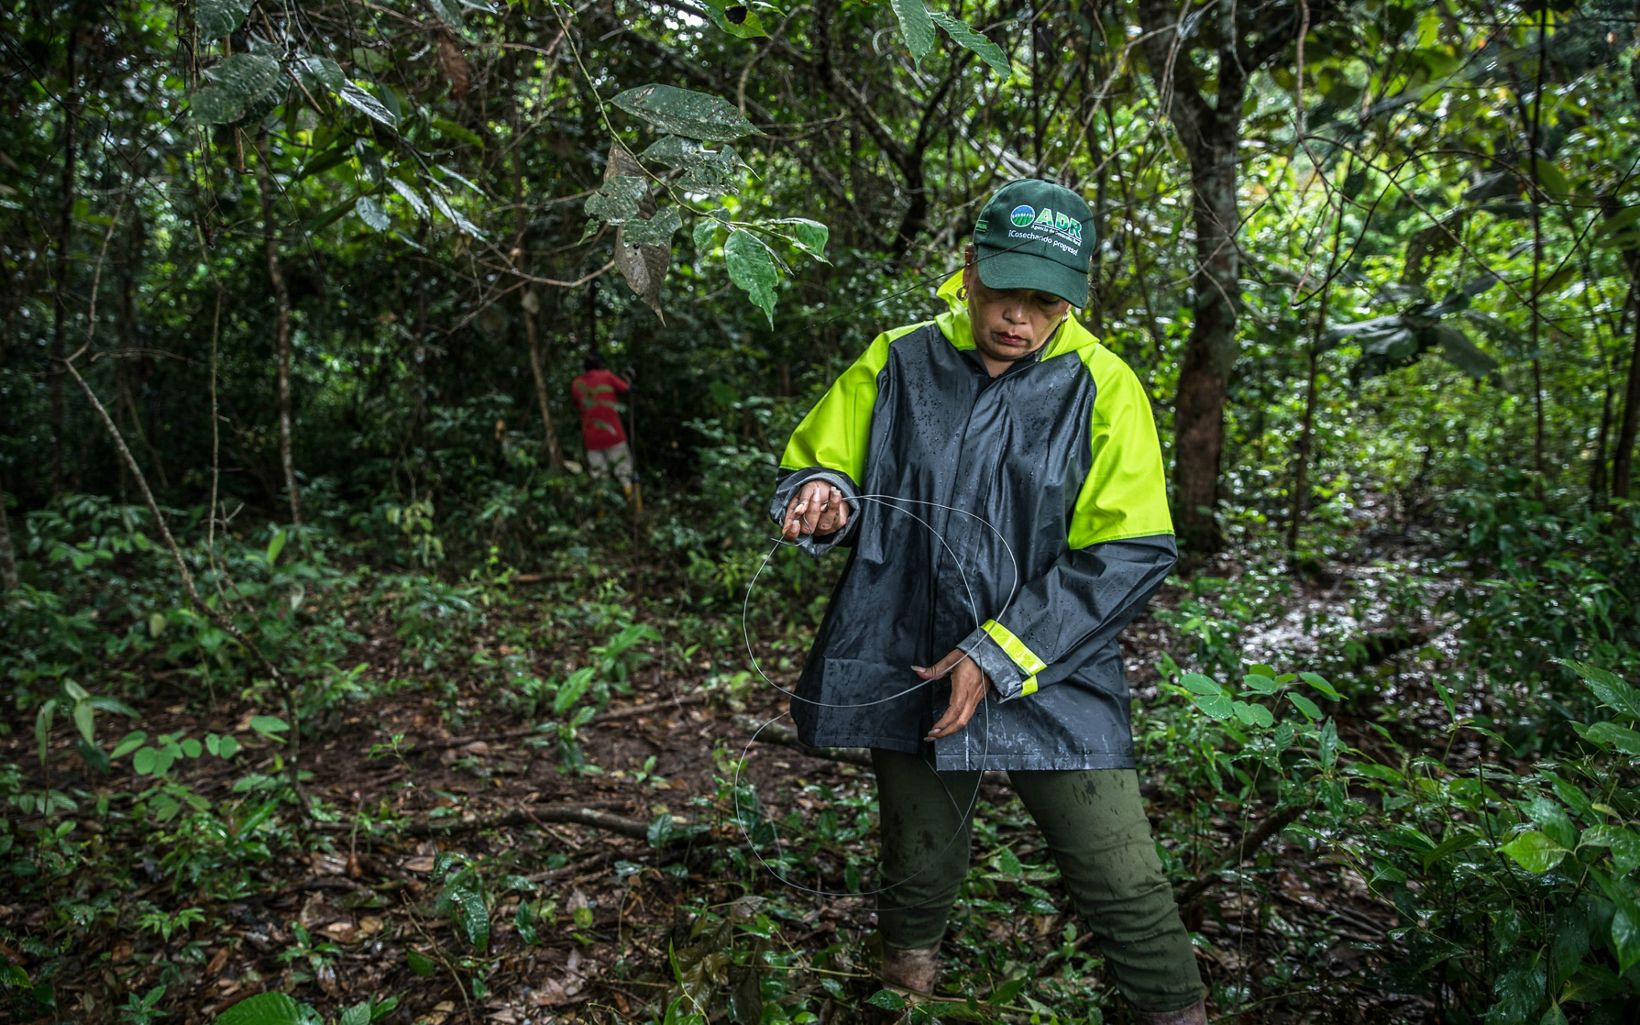 La ganadera instala sus propias divisiones para evitar que su ganado se meta al bosque conservado justo dentro de su predio.